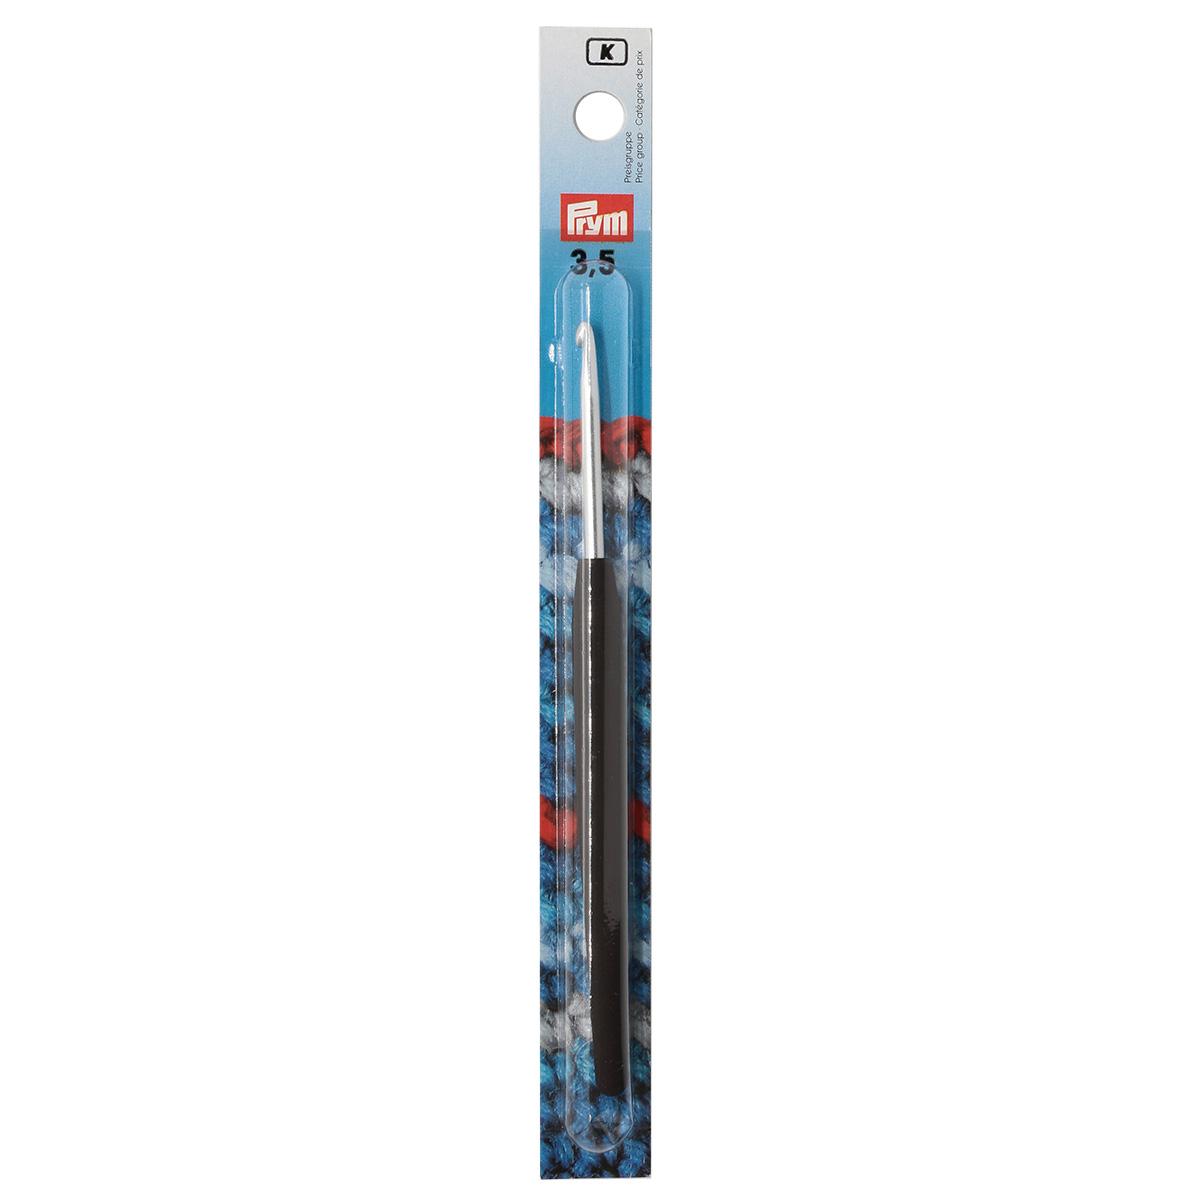 195175 Крючок для вязания с цветной ручкой, алюминий, 3,5 мм*14 см, Prym